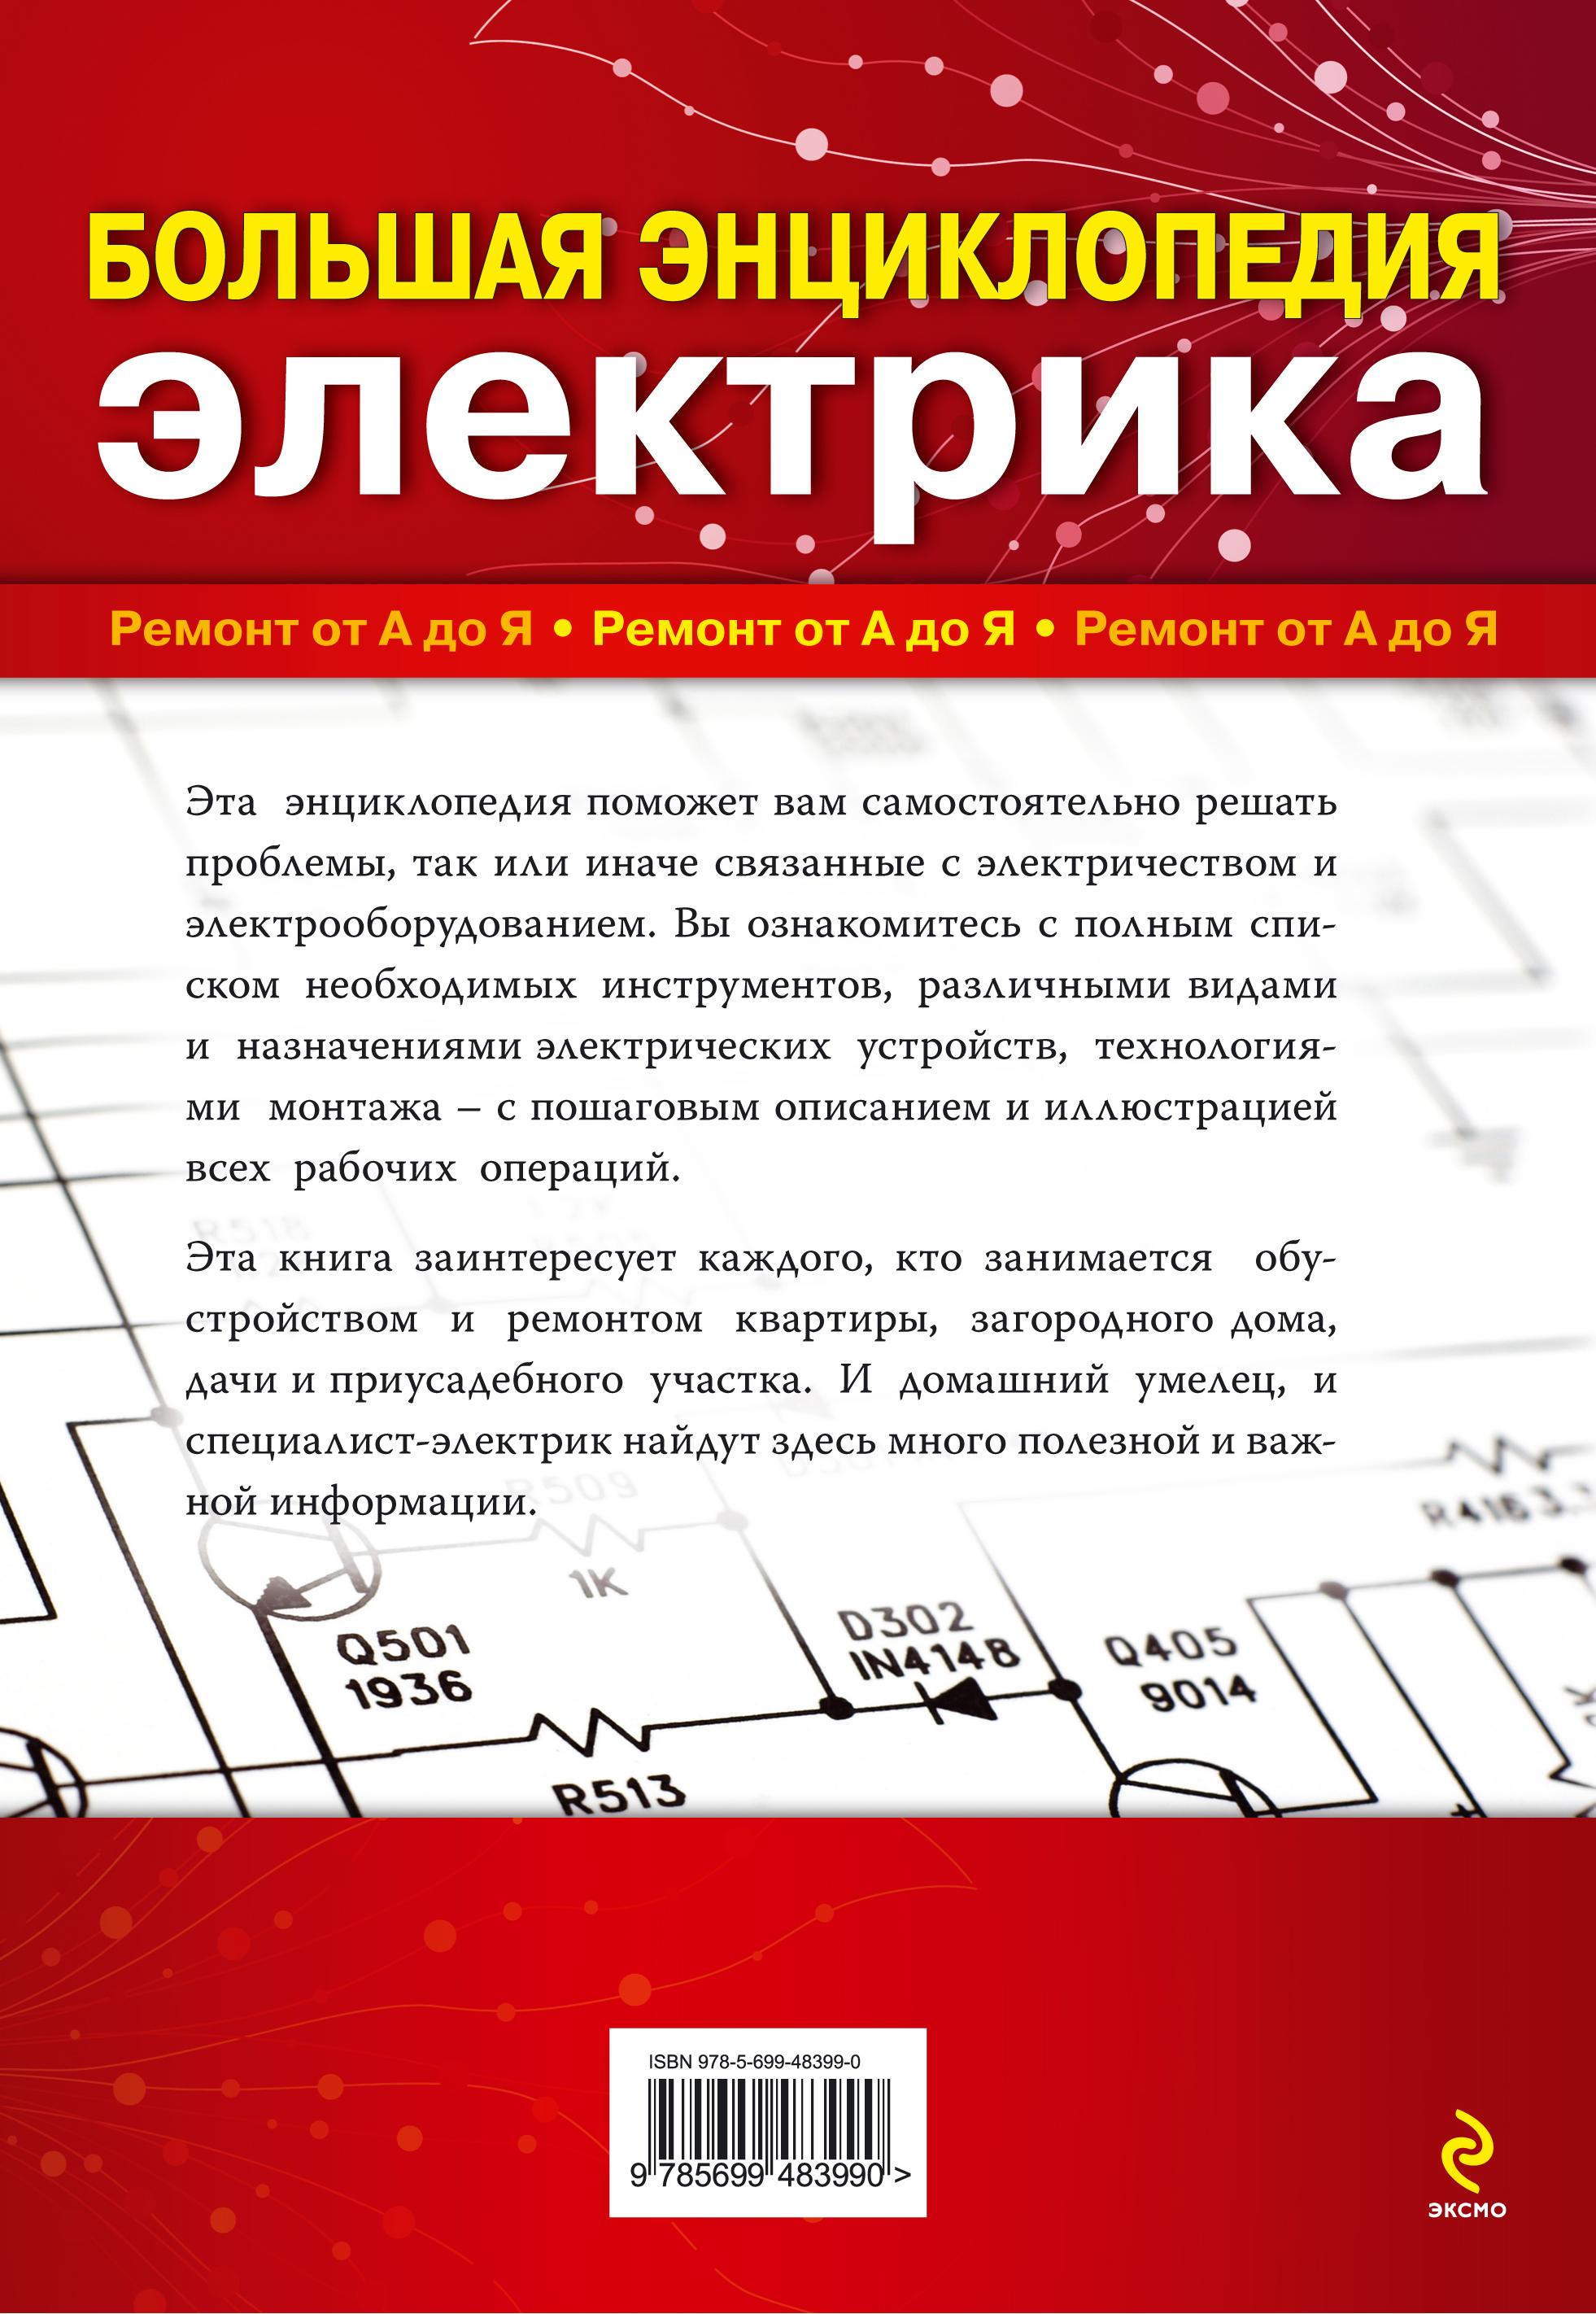 М. Ю. Черничкин. Большая энциклопедия электрика